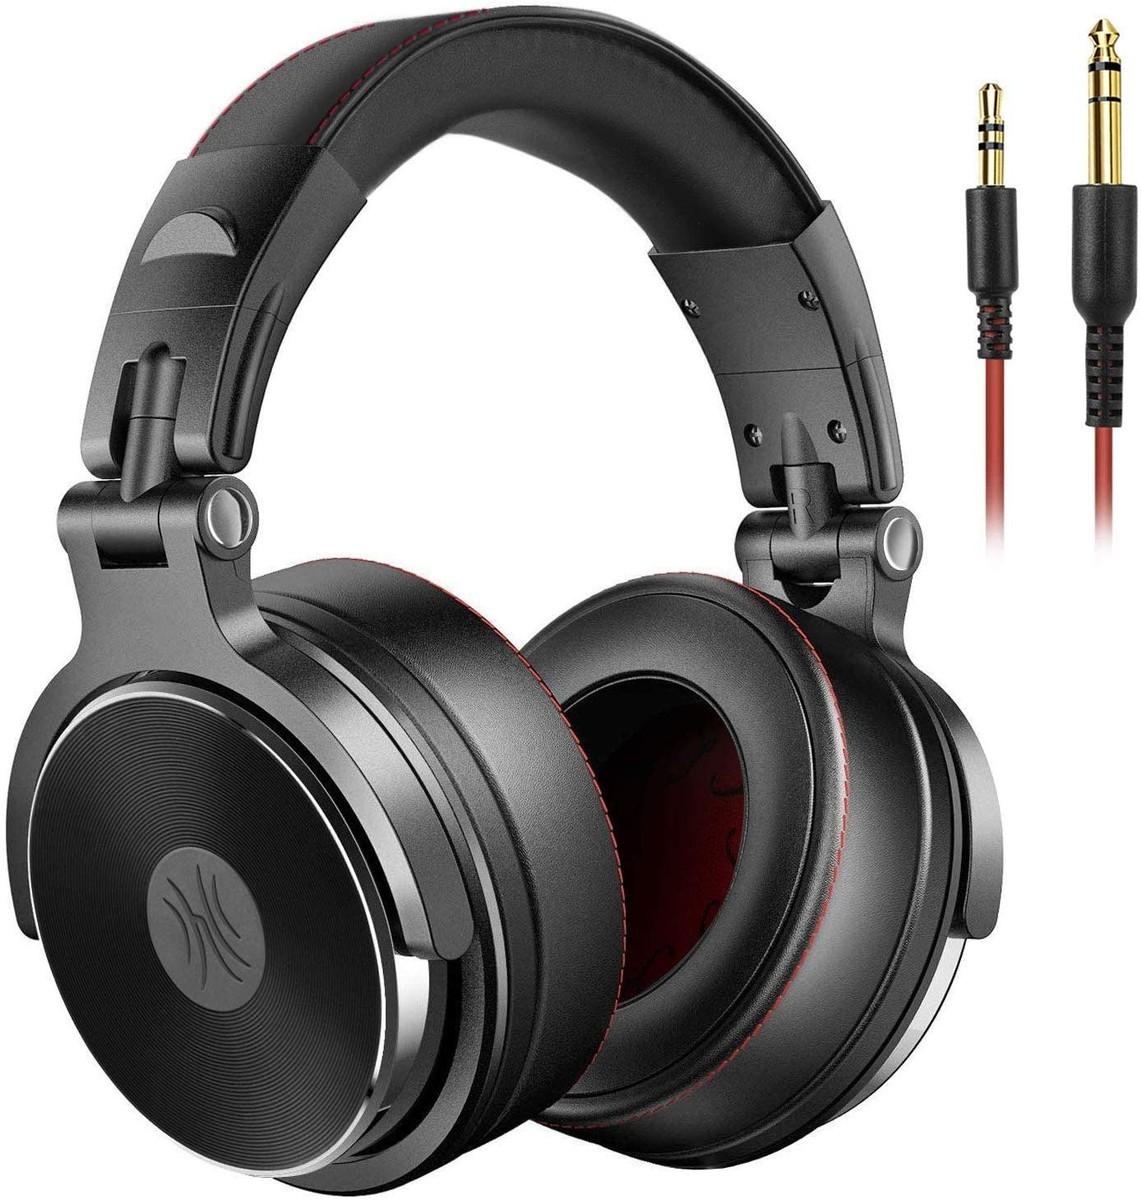 OneOdio Pro50